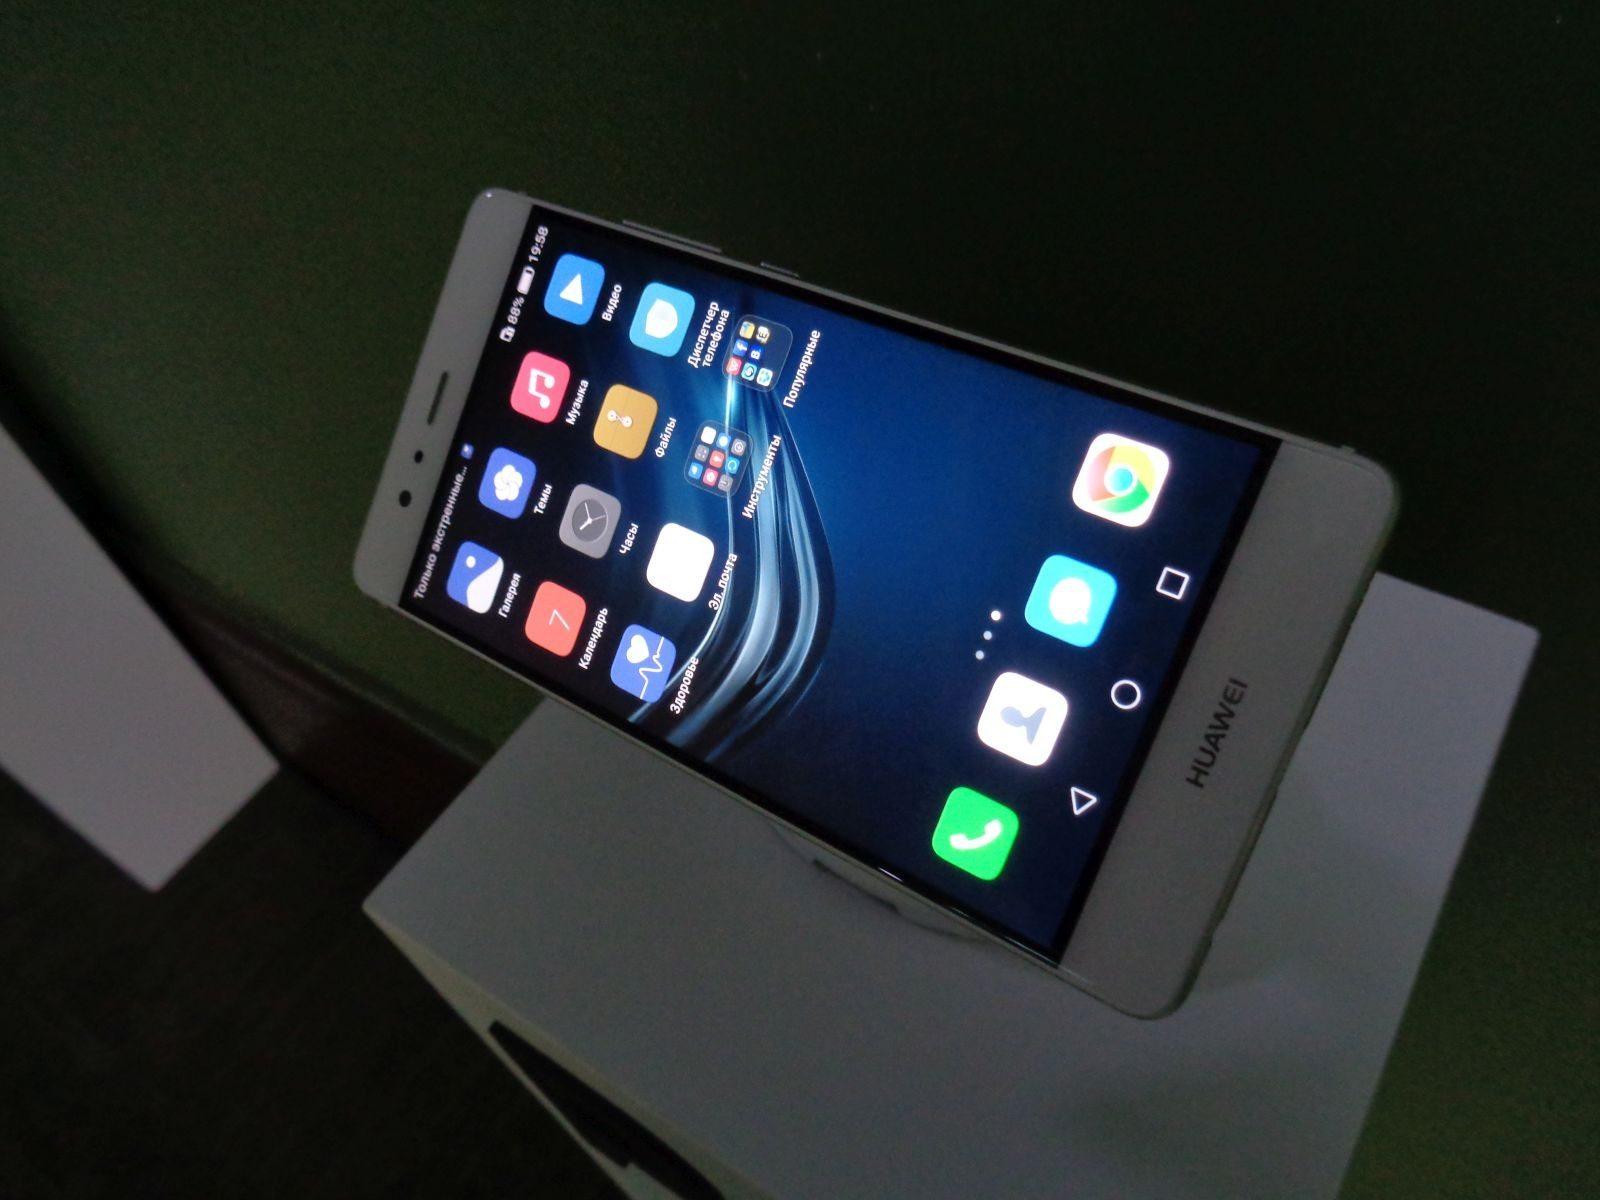 Huawei P9, P9 Plus display